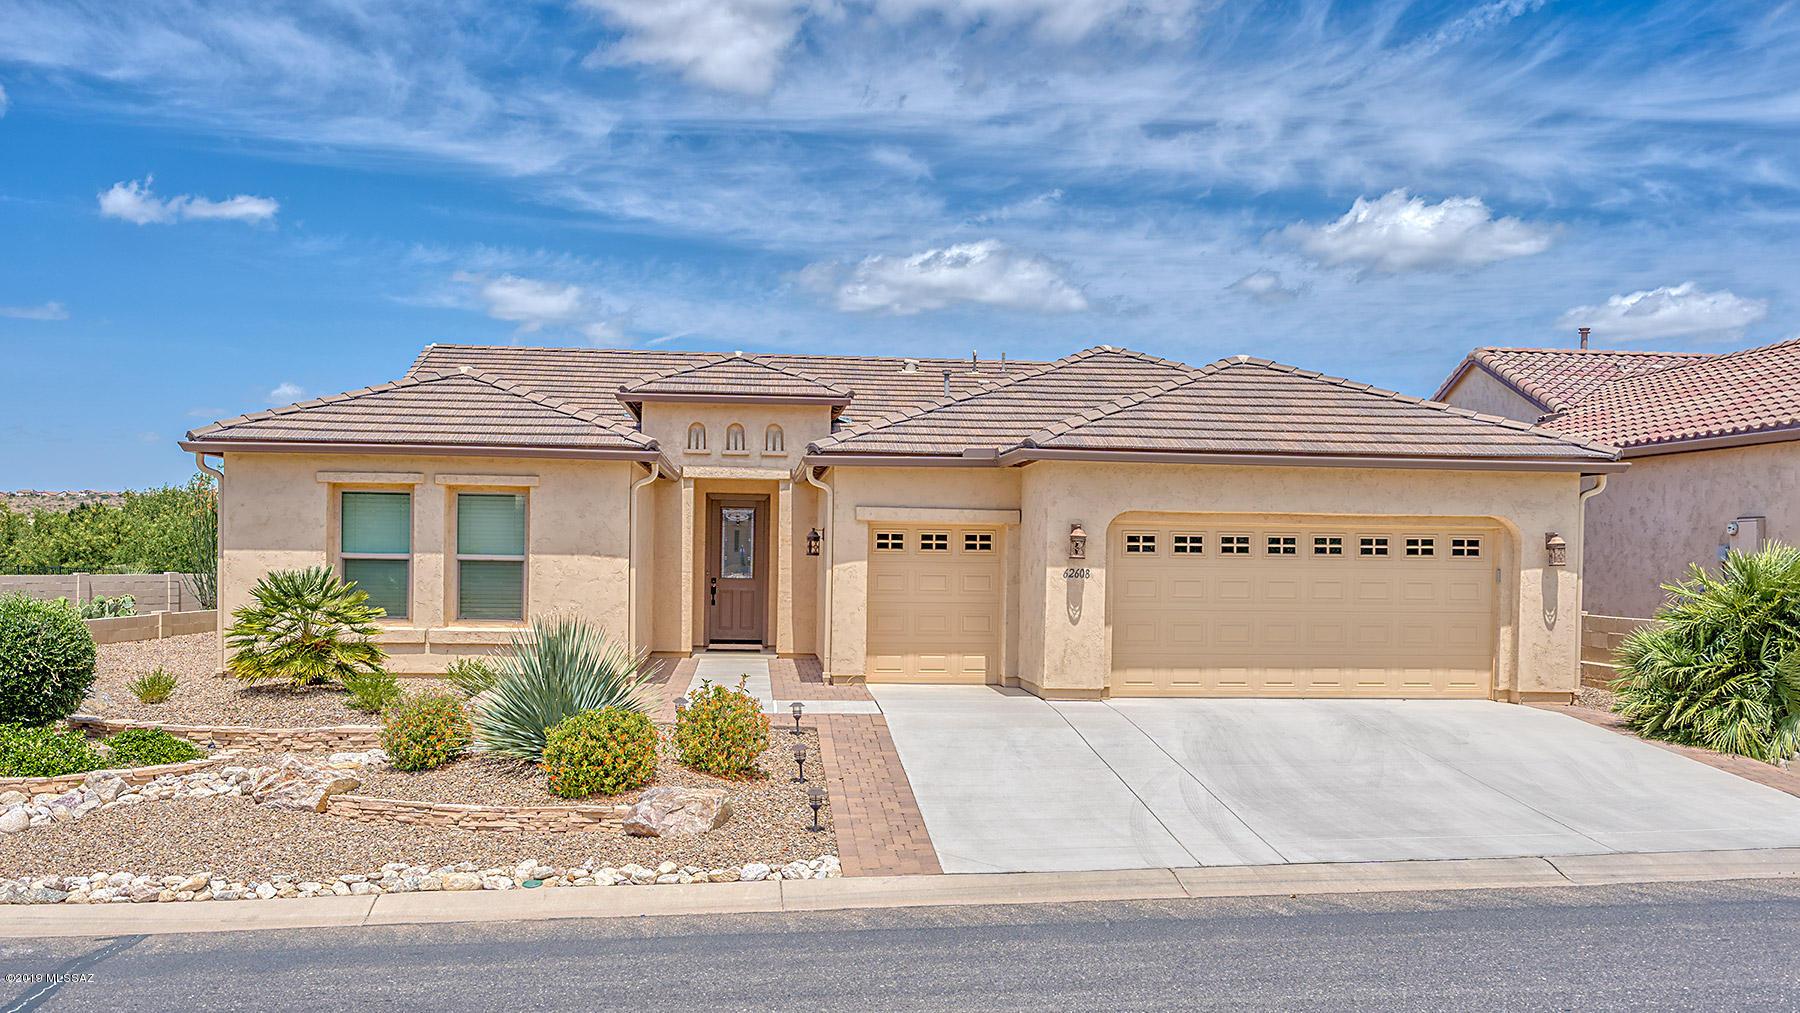 Photo of 62608 E Ironwood Lane, Tucson, AZ 85739